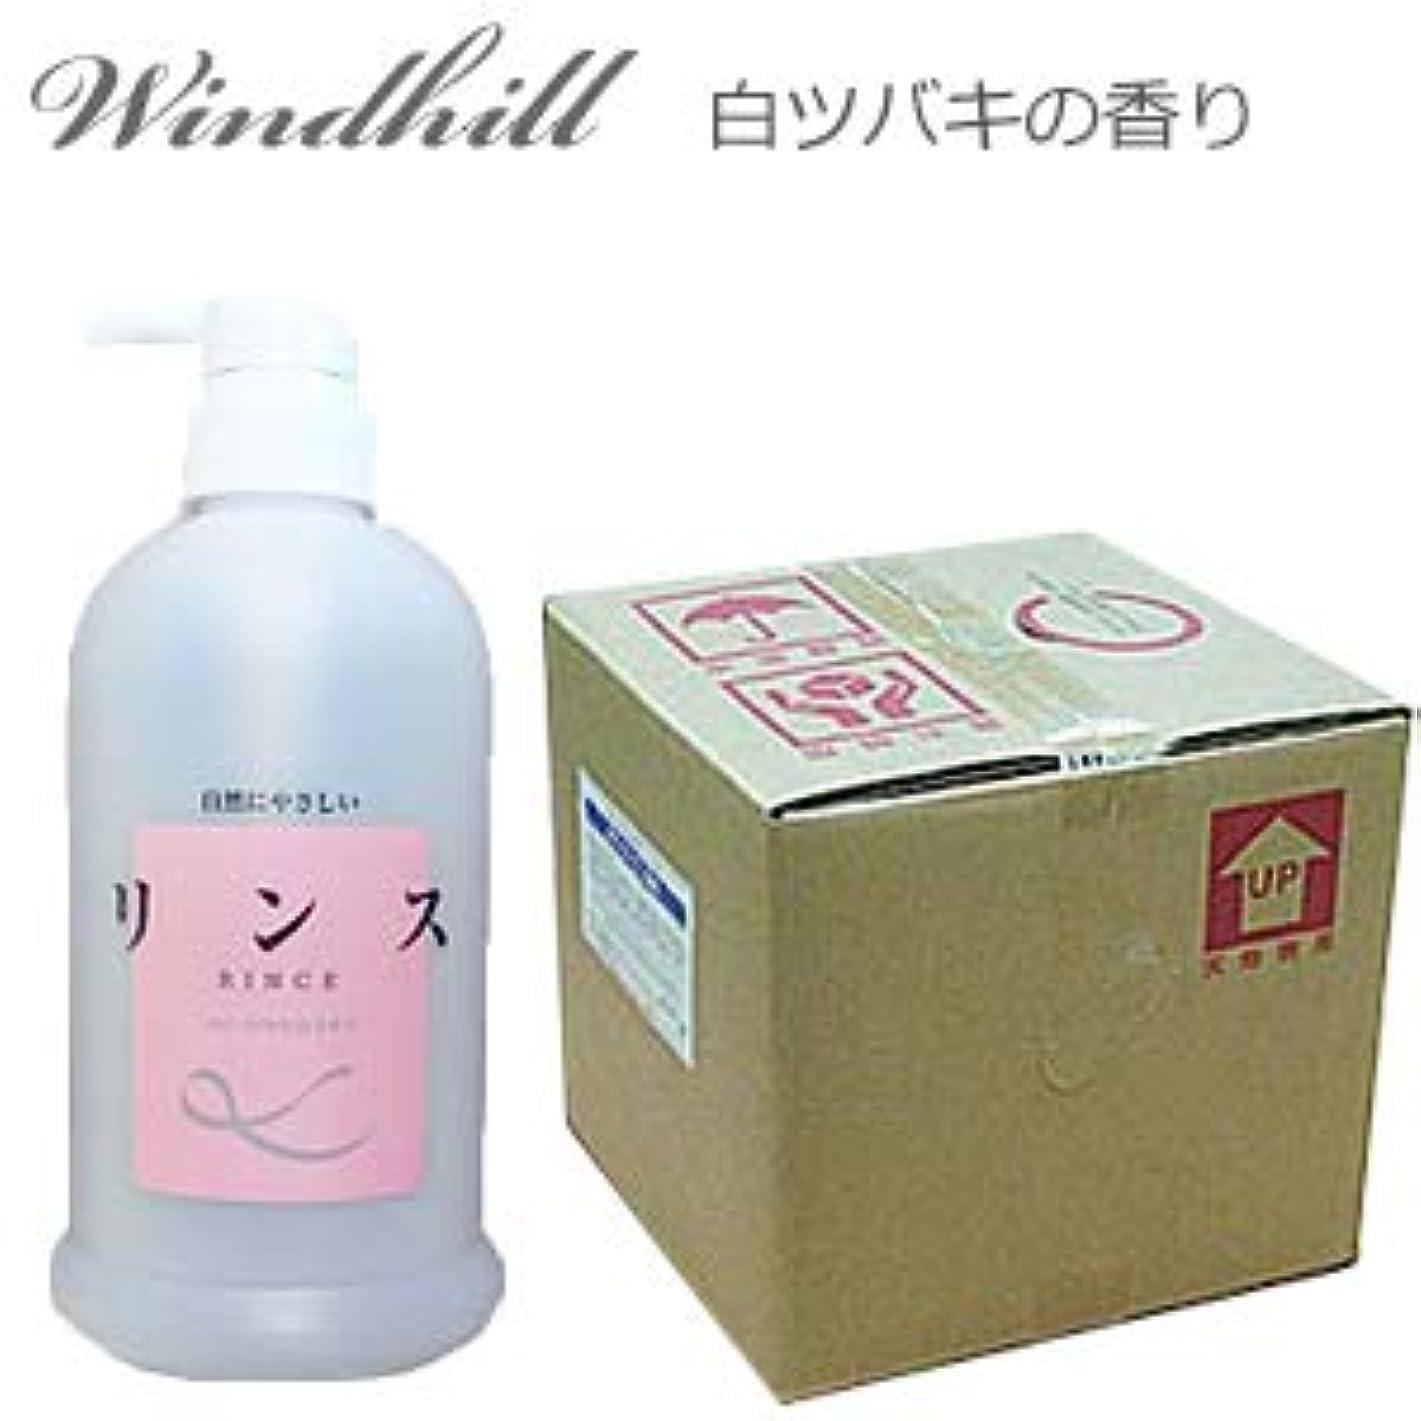 論文ショッキングマーカーなんと! 500ml当り175円 Windhill 植物性 業務用 リンス 白ツバキの香り 20L